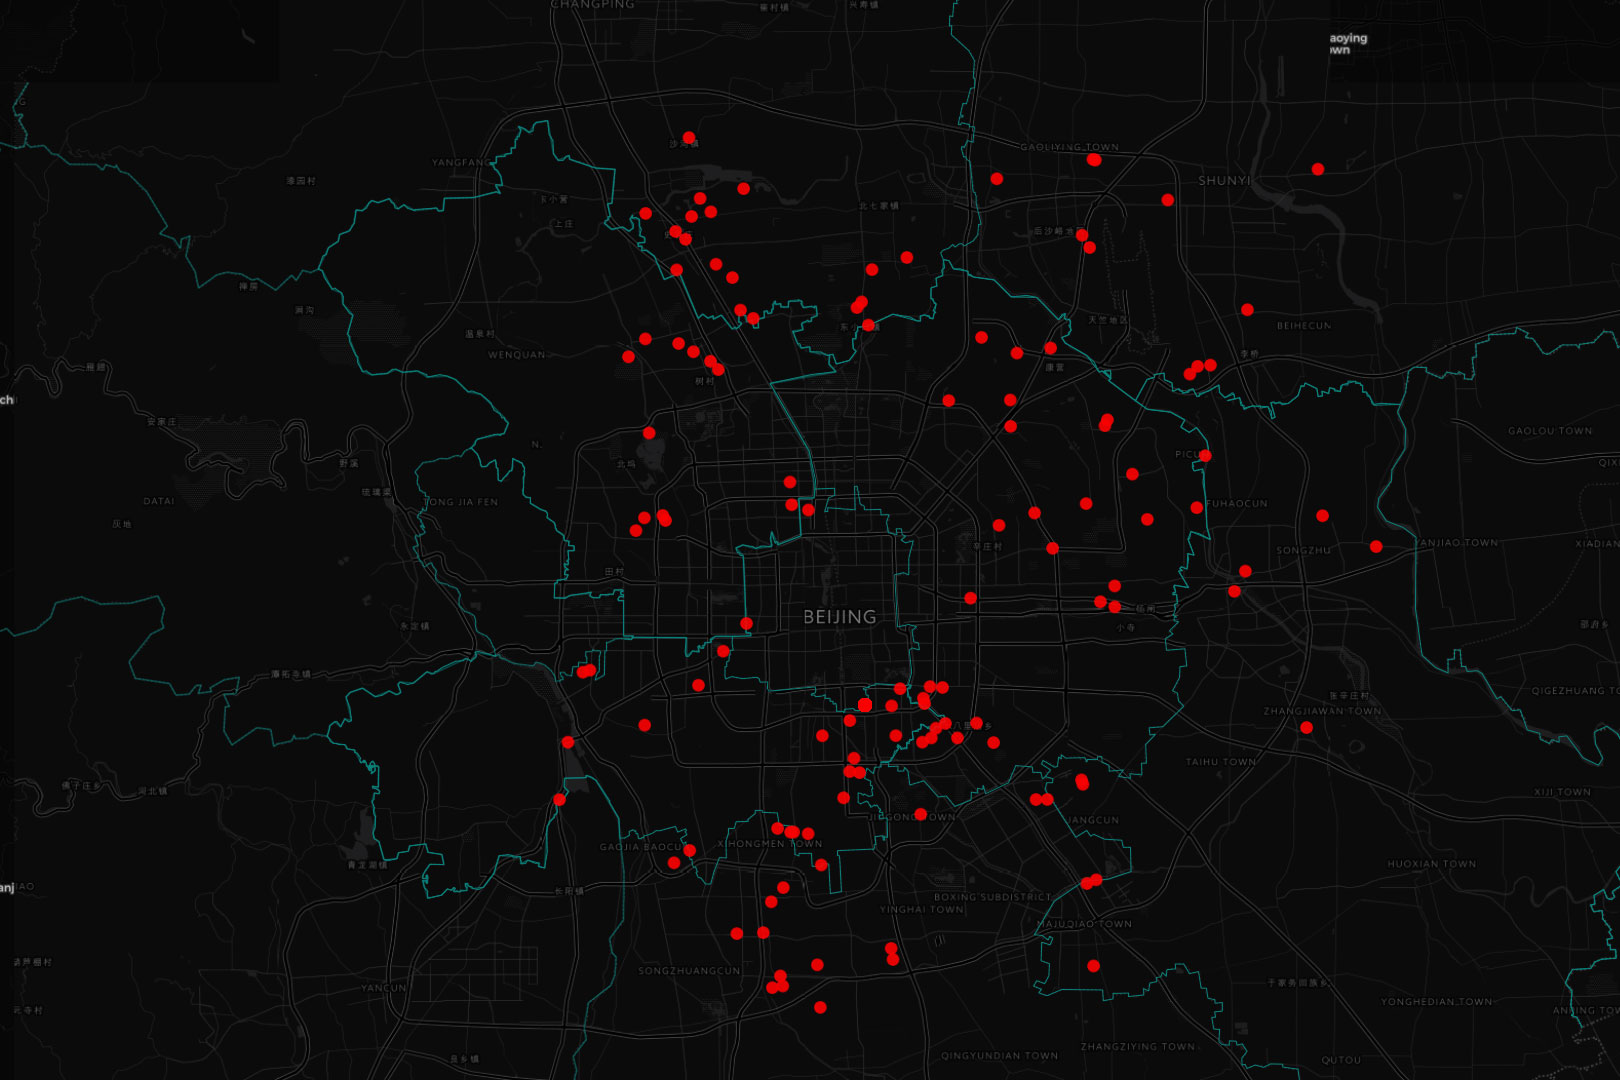 北京驅逐外地居民事件發生之後,一個名叫 「北京切除」 的項目吸引了近三百個關心此事的微信用戶加入了一個群組,而在 「Beijing,Solidarity」 帖子發出後,「清退預警地圖」 工作組也順應着 「去現場」 的需要建立起來了,成為完全由志願者建立起並定期更新的地圖。端傳媒2017年依據志願者和各媒體提供的數據,製作了《數據動畫帶你看:北京清退「低端人口」,影響多大?未來如何?》,這是其中一張截圖。